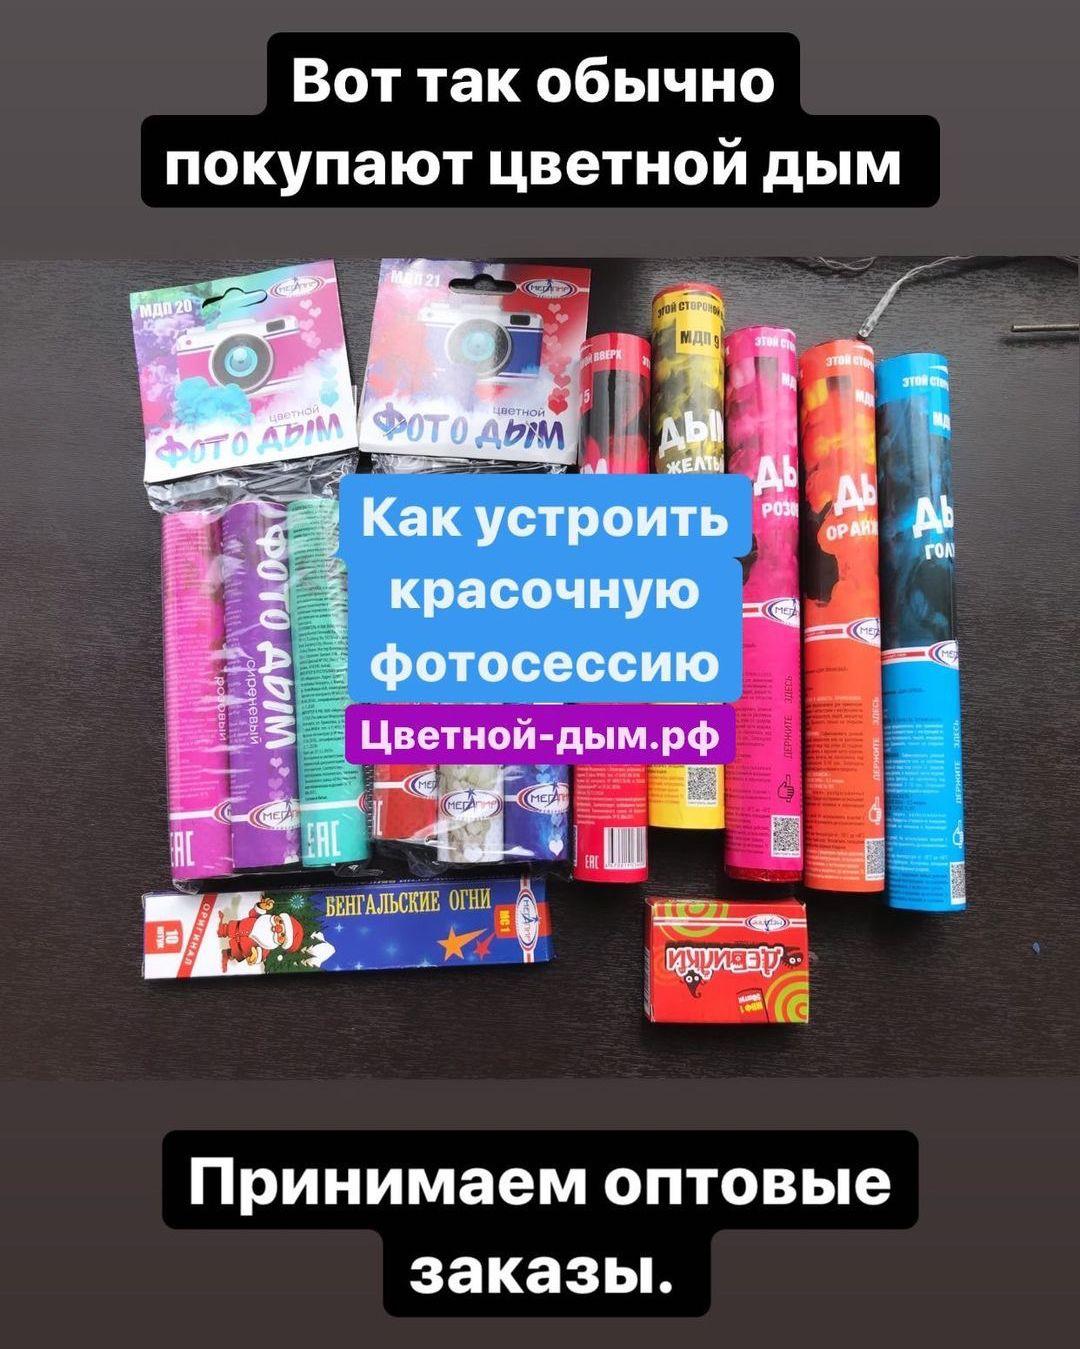 Цветные дымовые шашки для фотосессии - Цветной-дым.рф отзывы